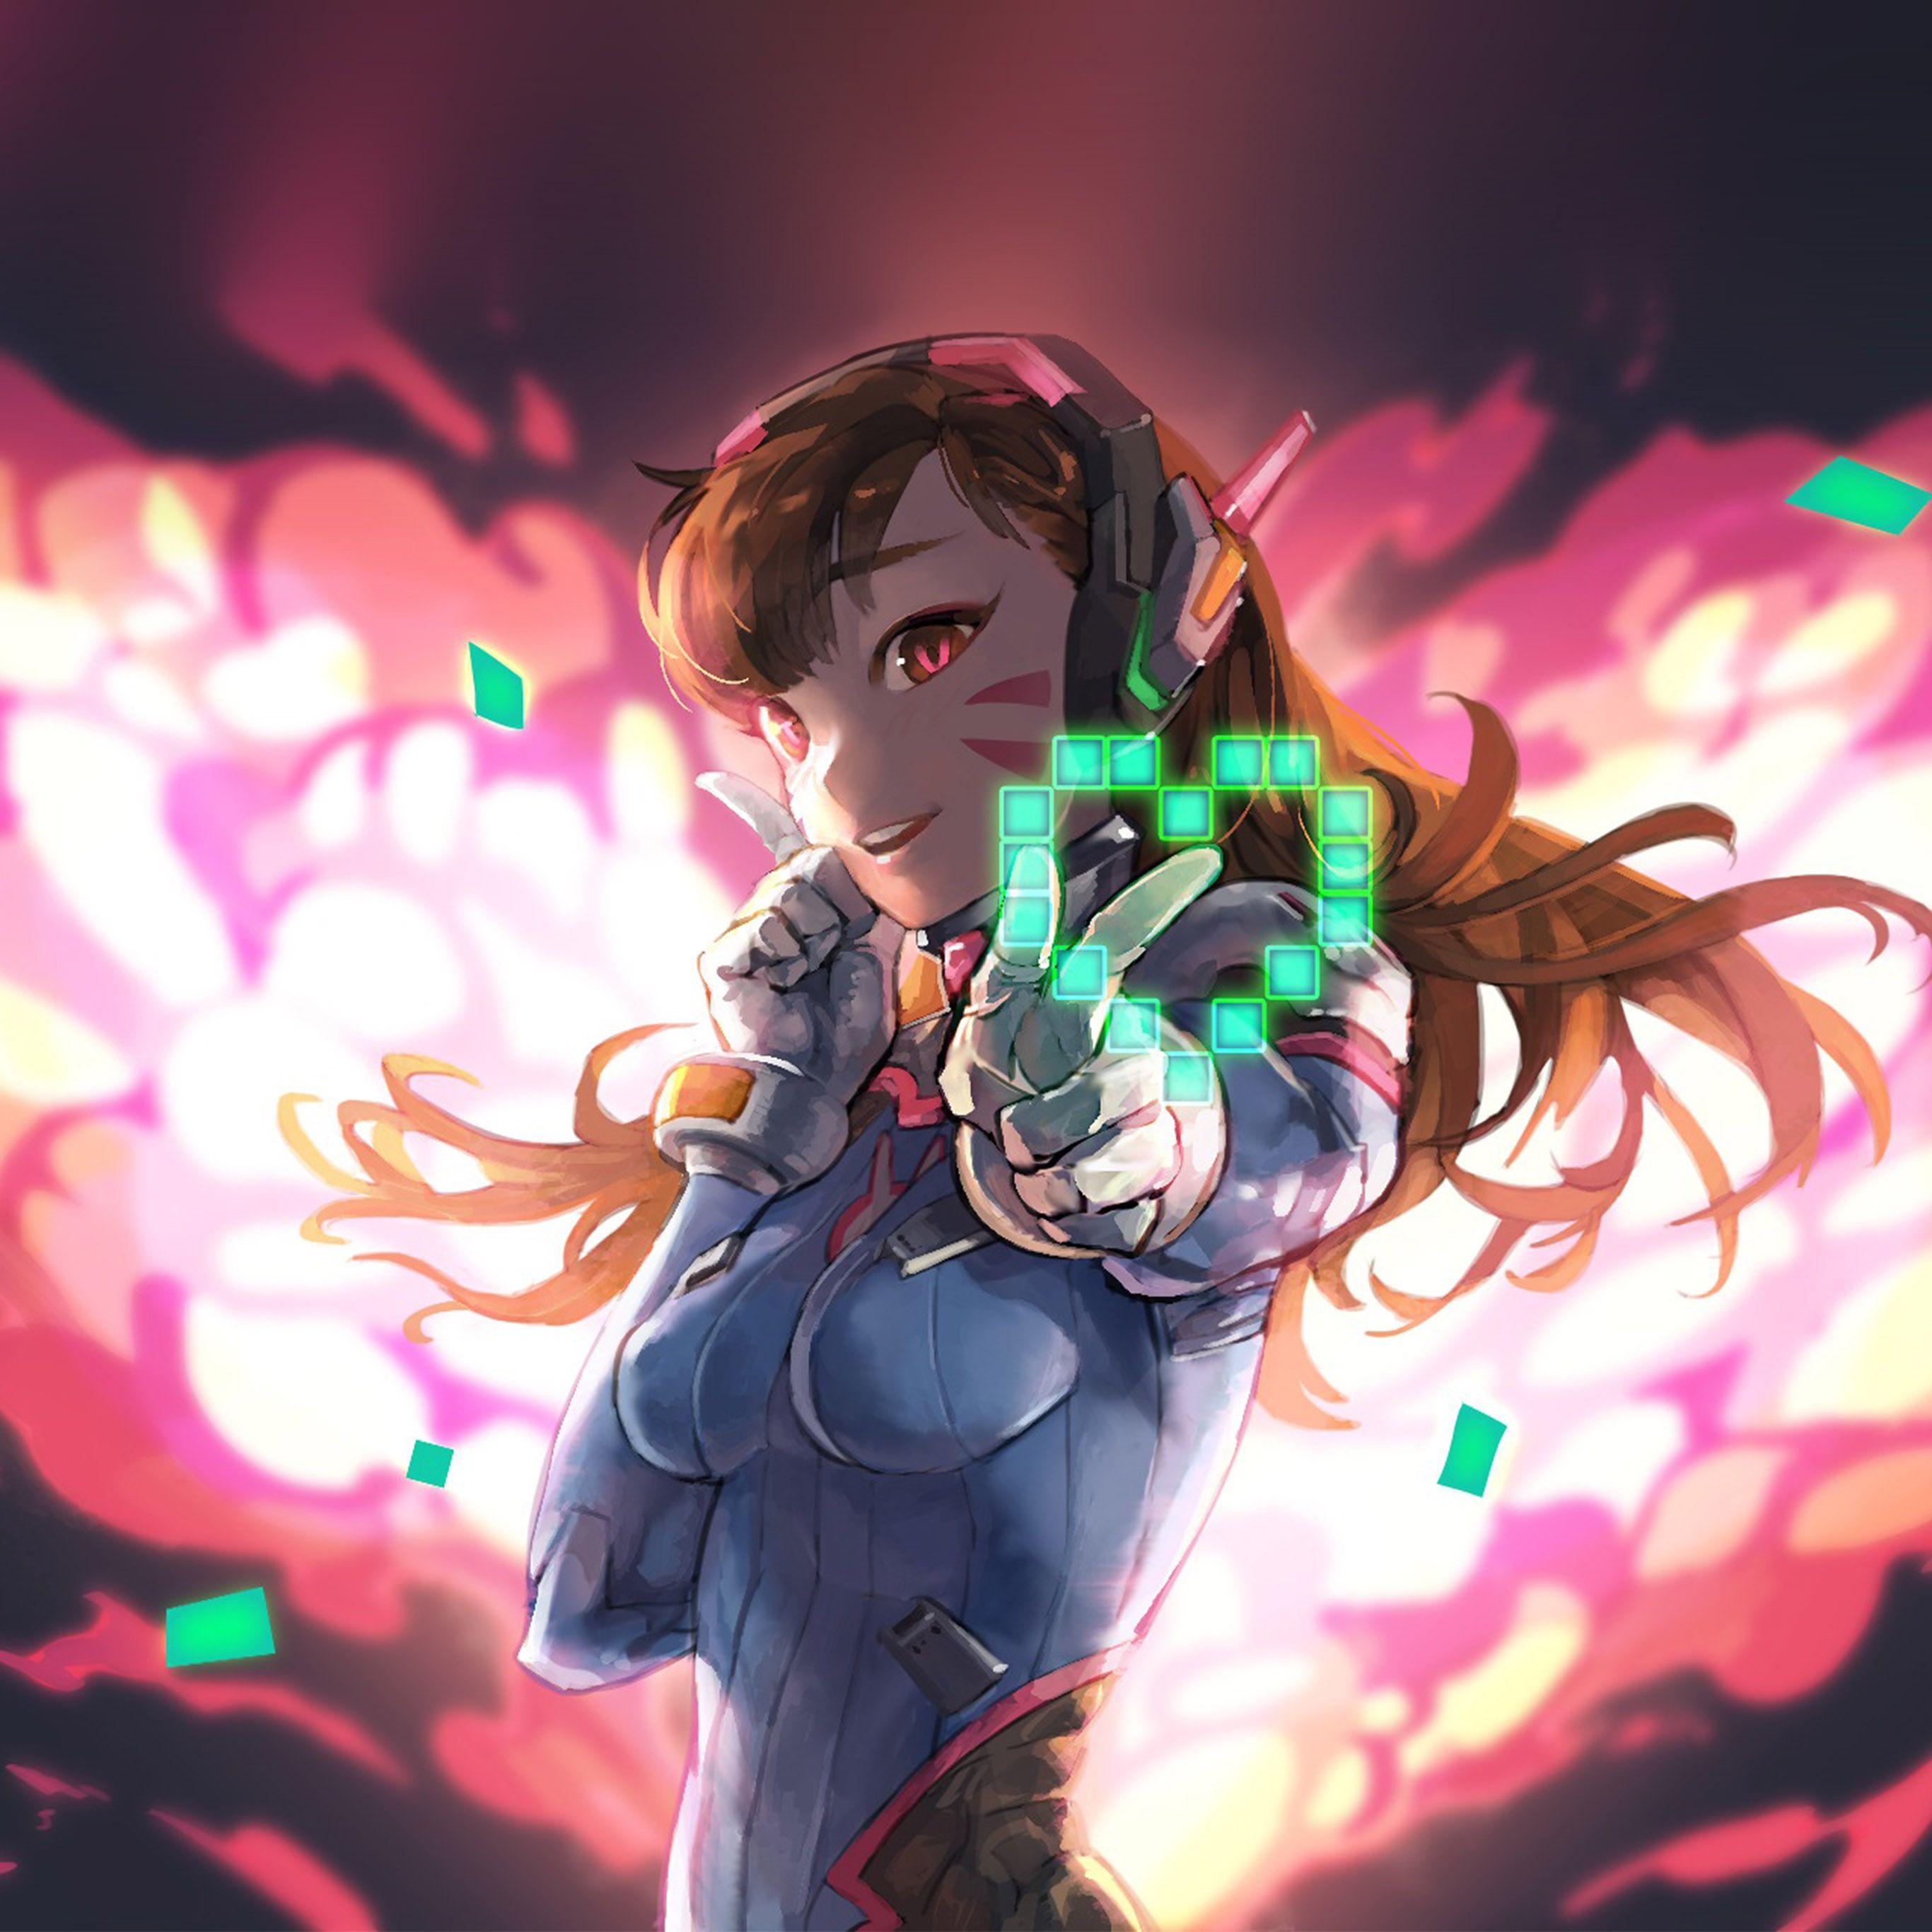 Pc girl anime gamer Custom PC